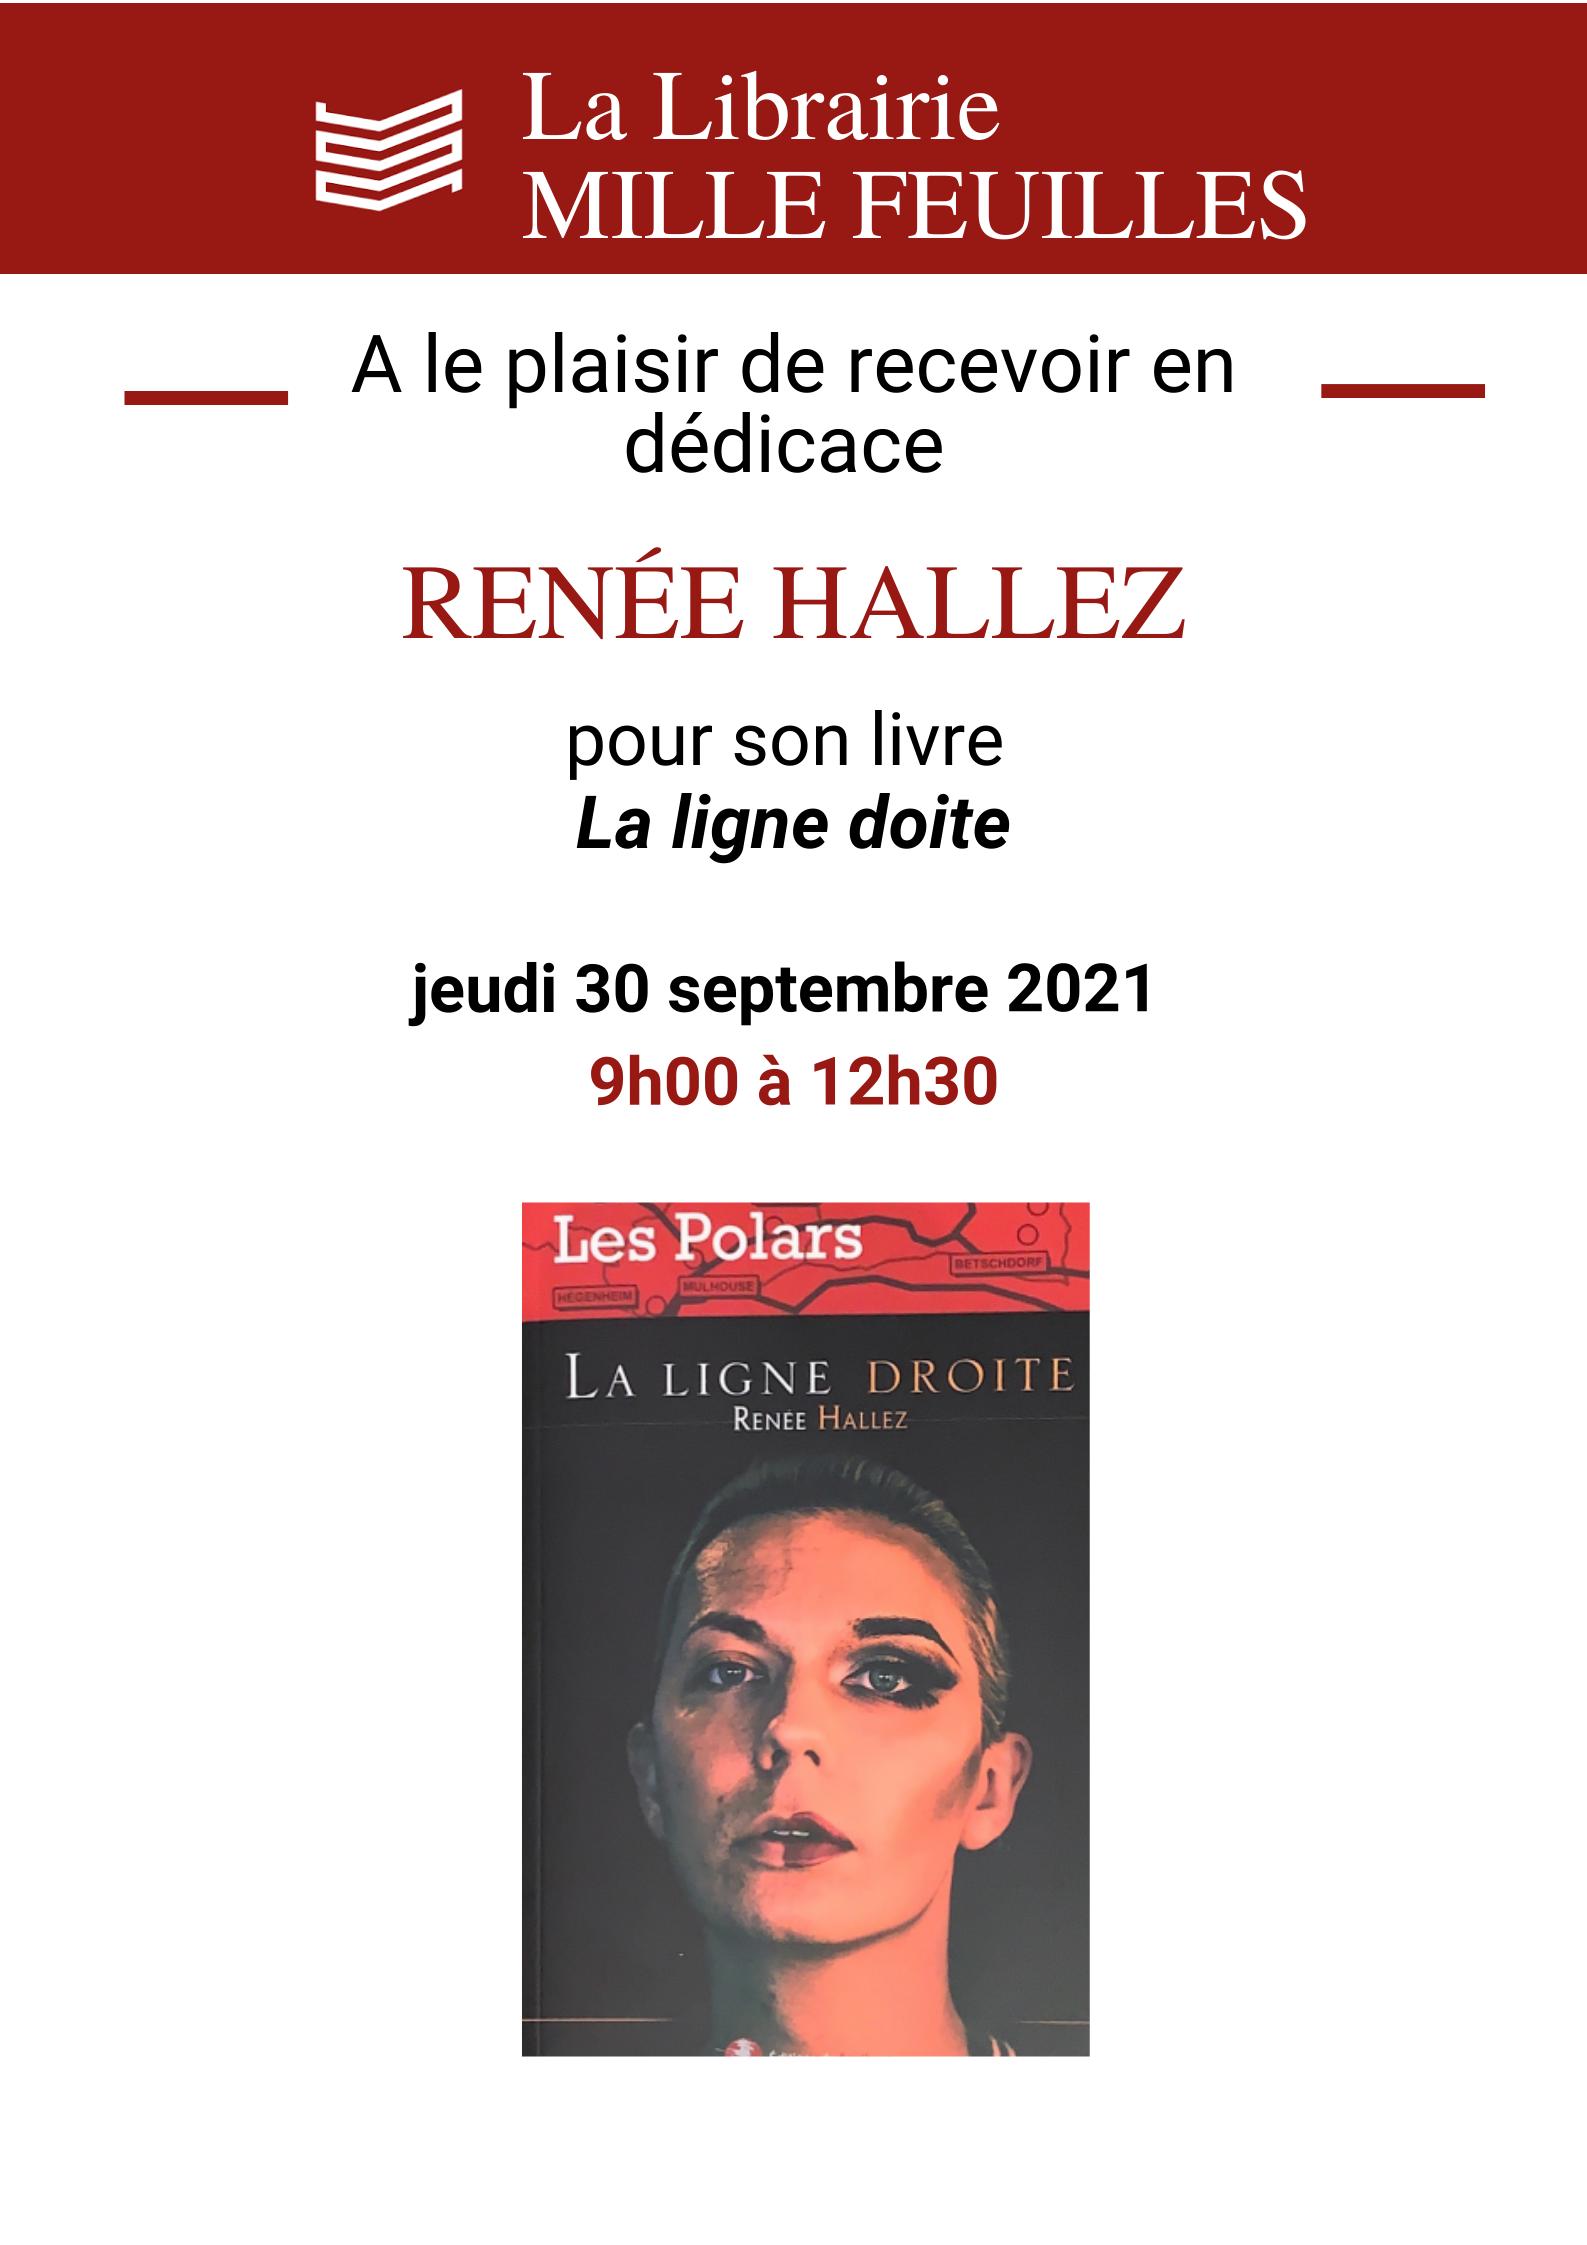 Renée Hallez